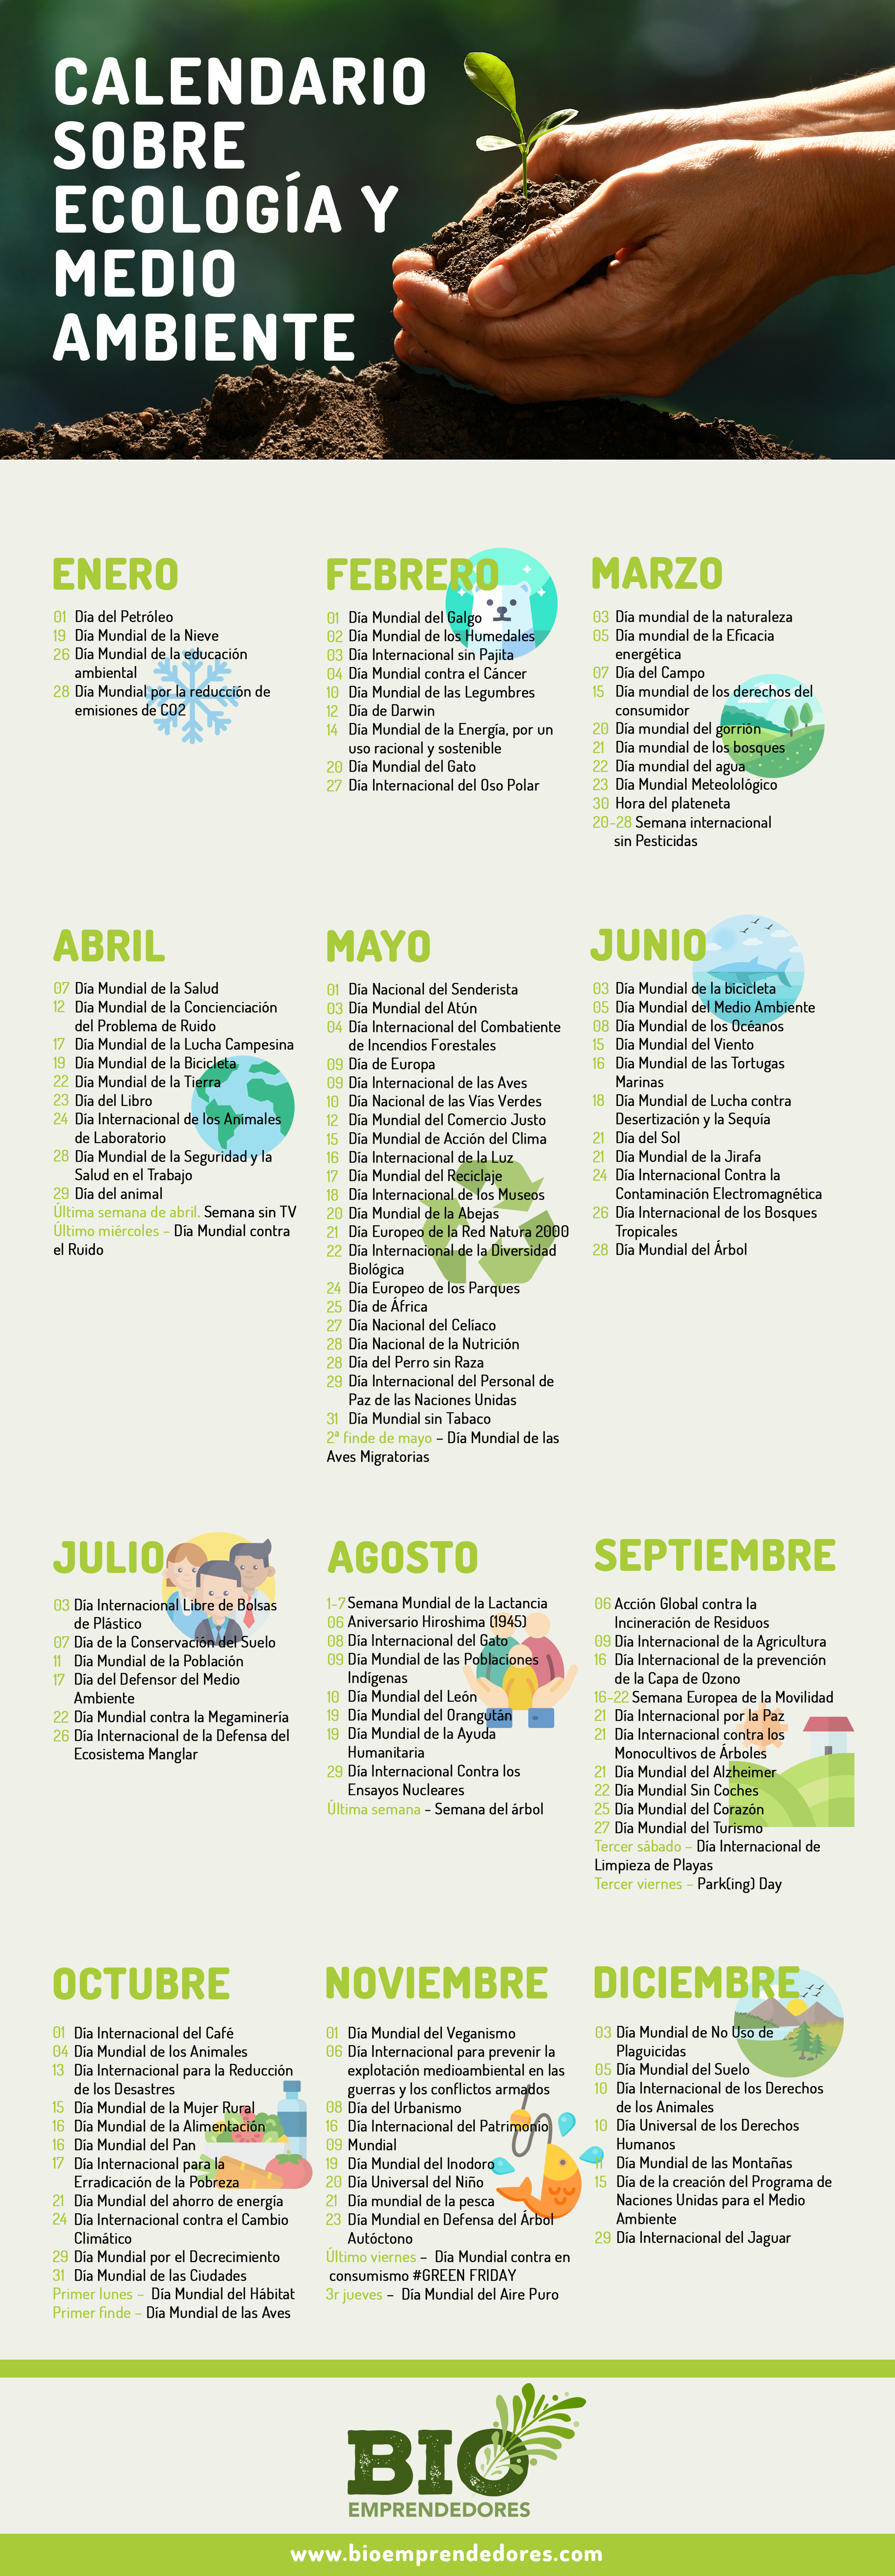 Calendario medio ambiente y ecología